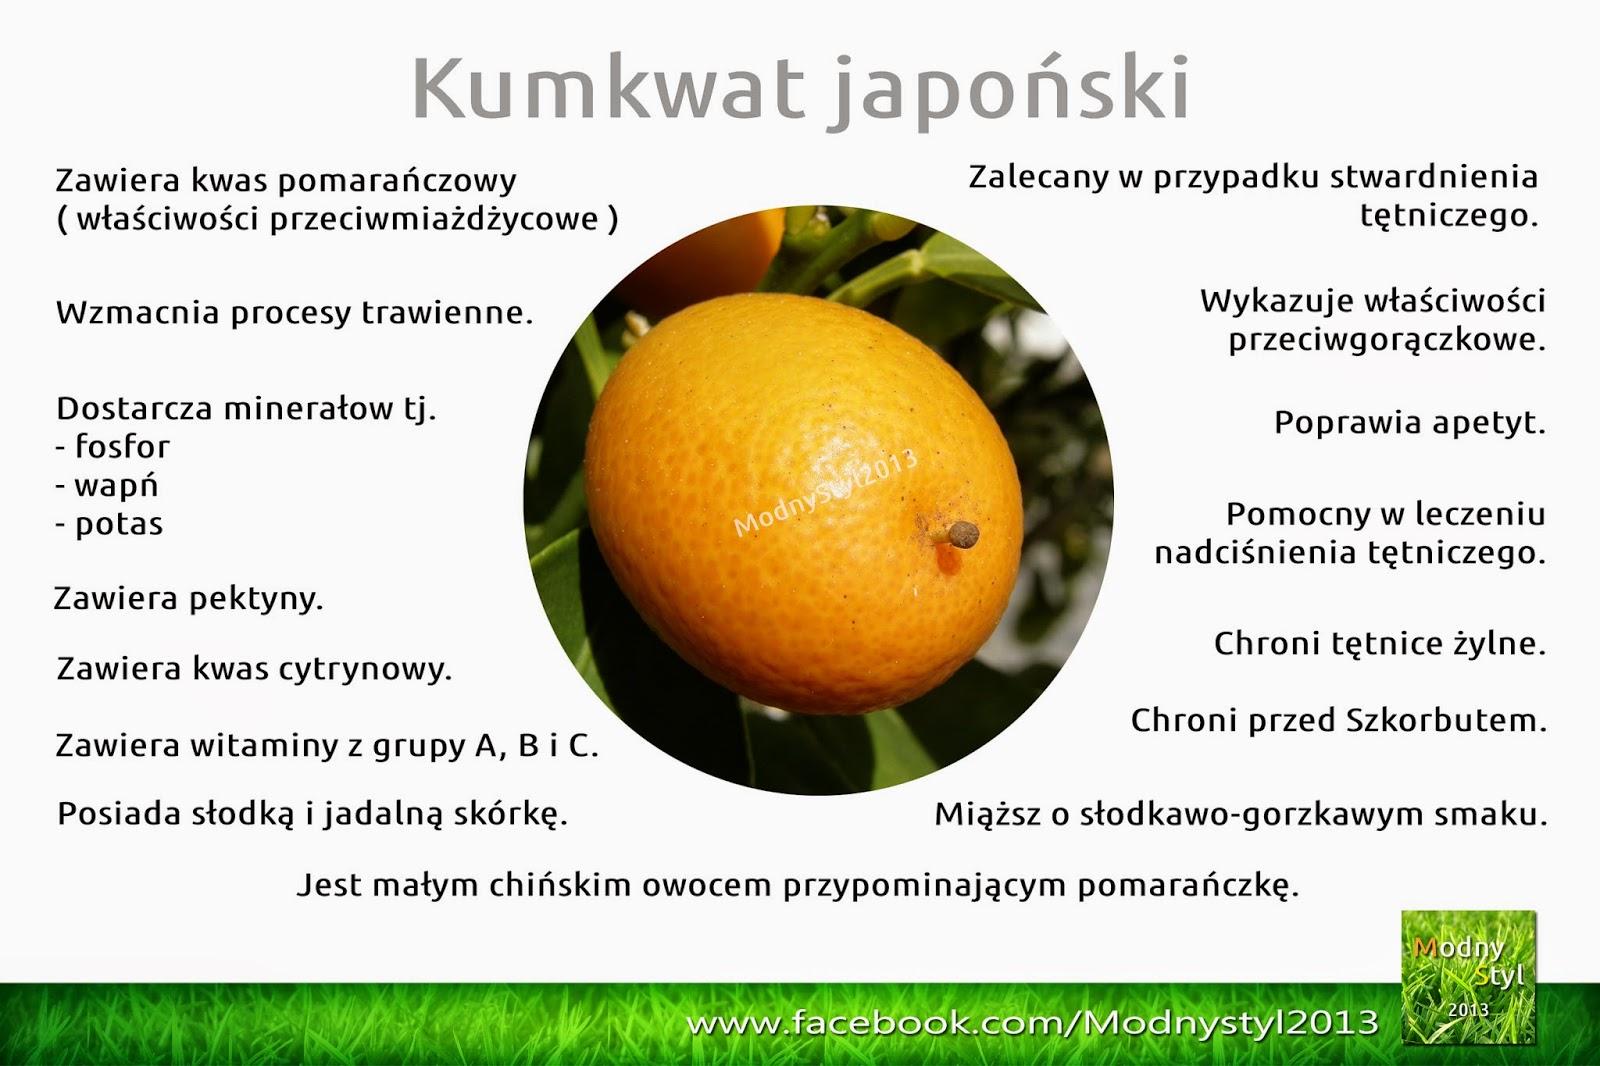 Kumkwat japoński